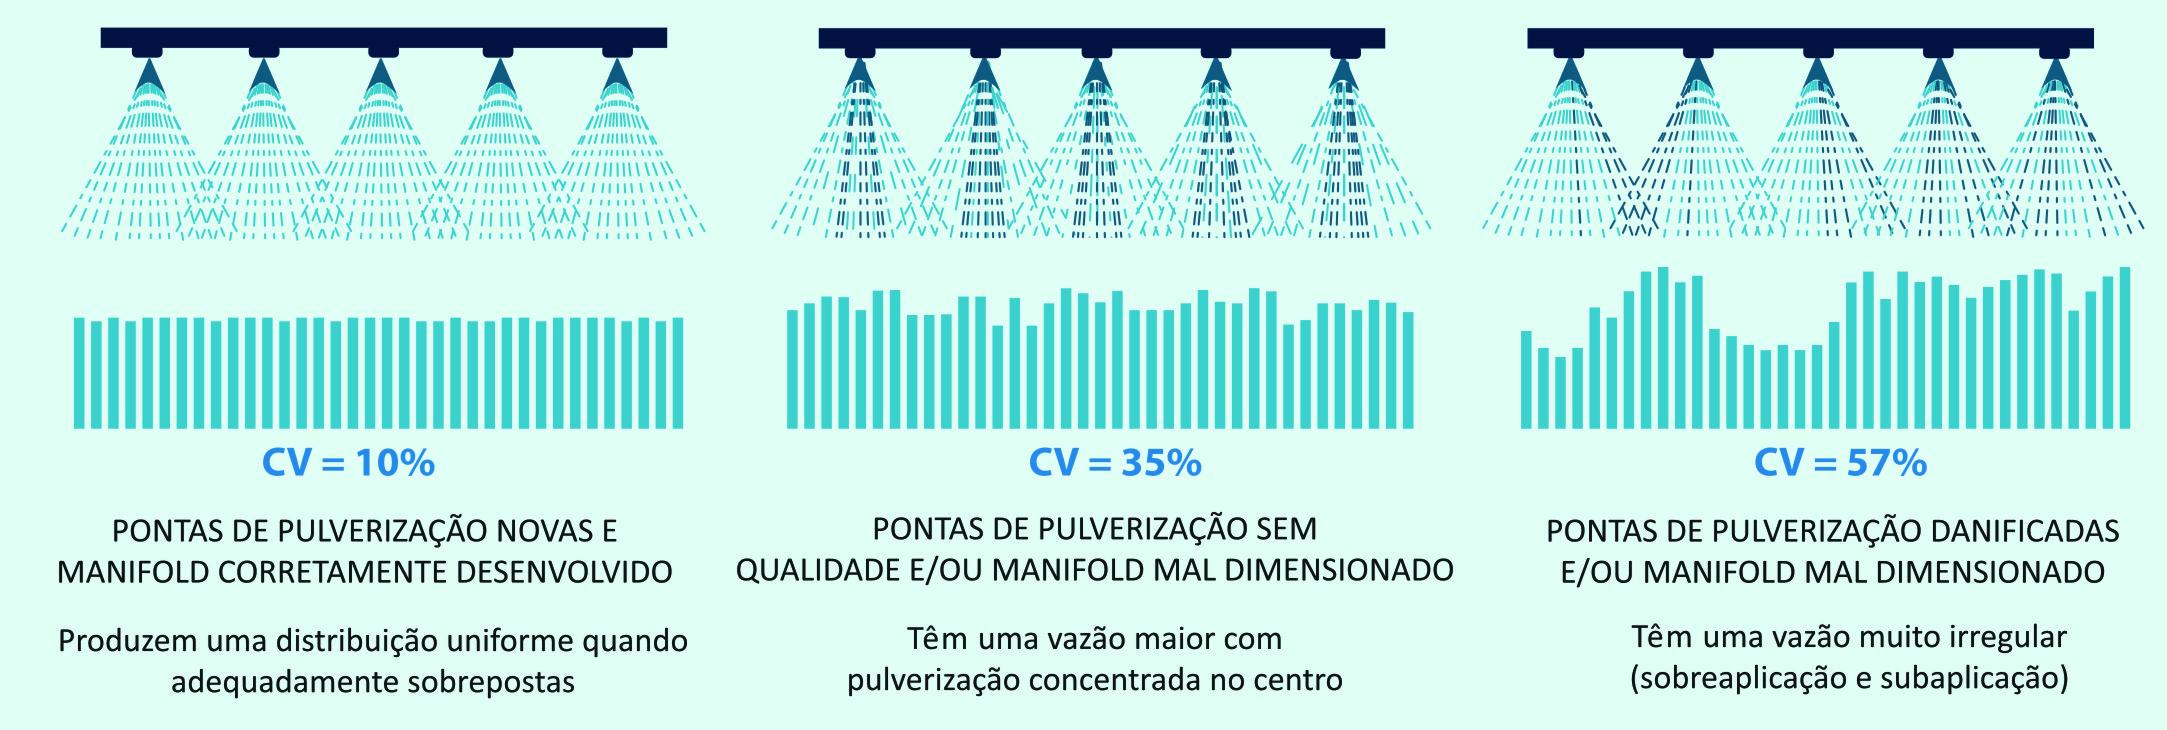 Dimensionamento Coeficiente